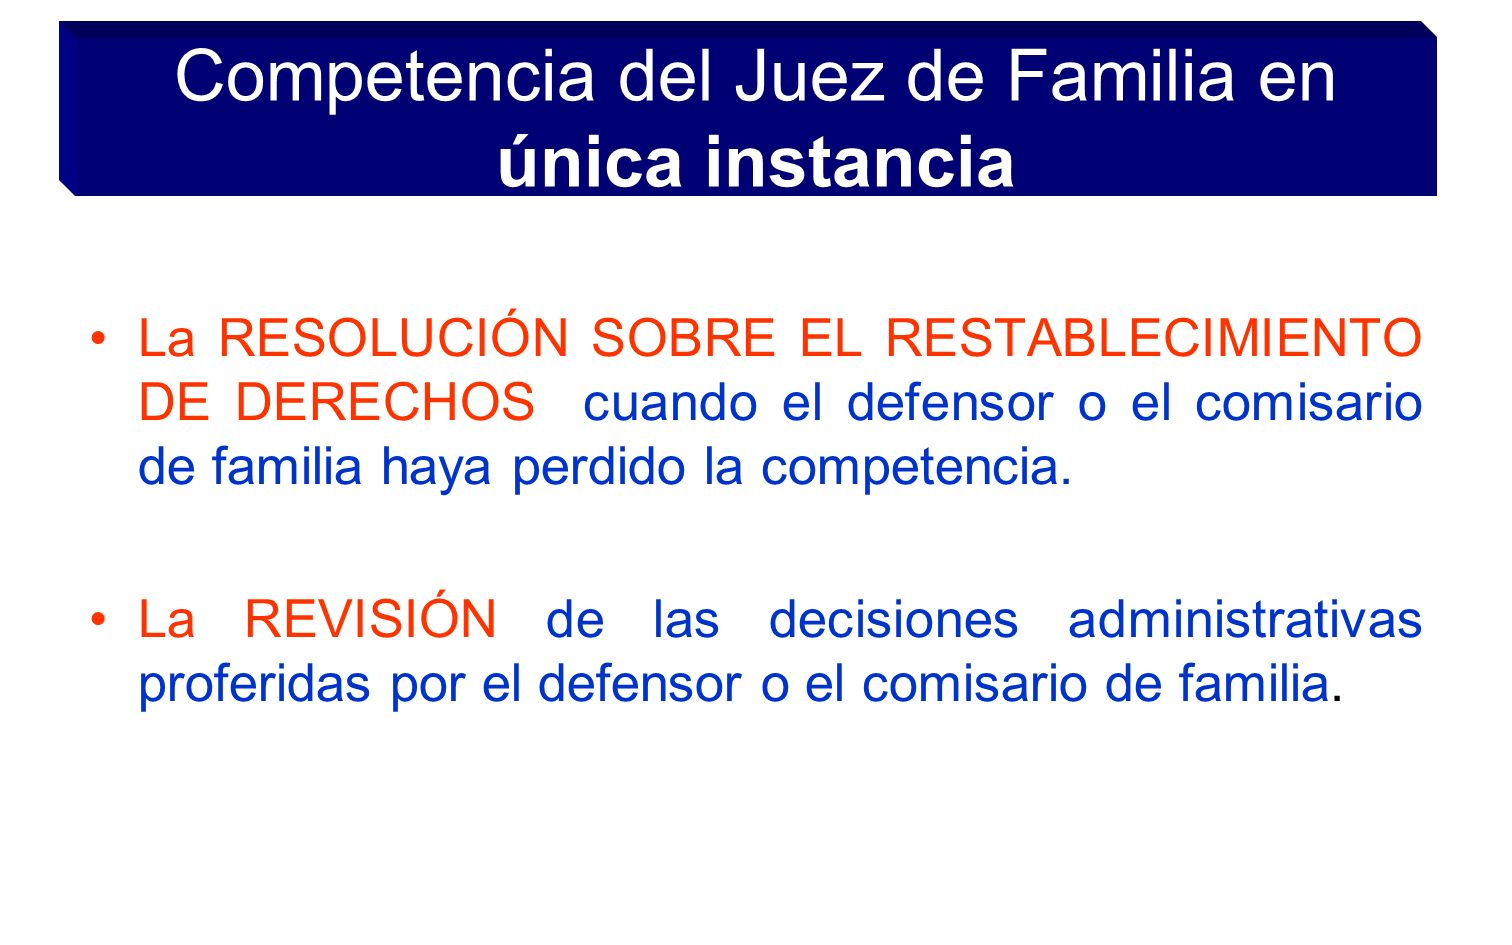 Competencia del Juez de Familia en única instancia La RESOLUCIÓN SOBRE EL RESTABLECIMIENTO DE DERECHOS cuando el defensor o el comisario de familia ha